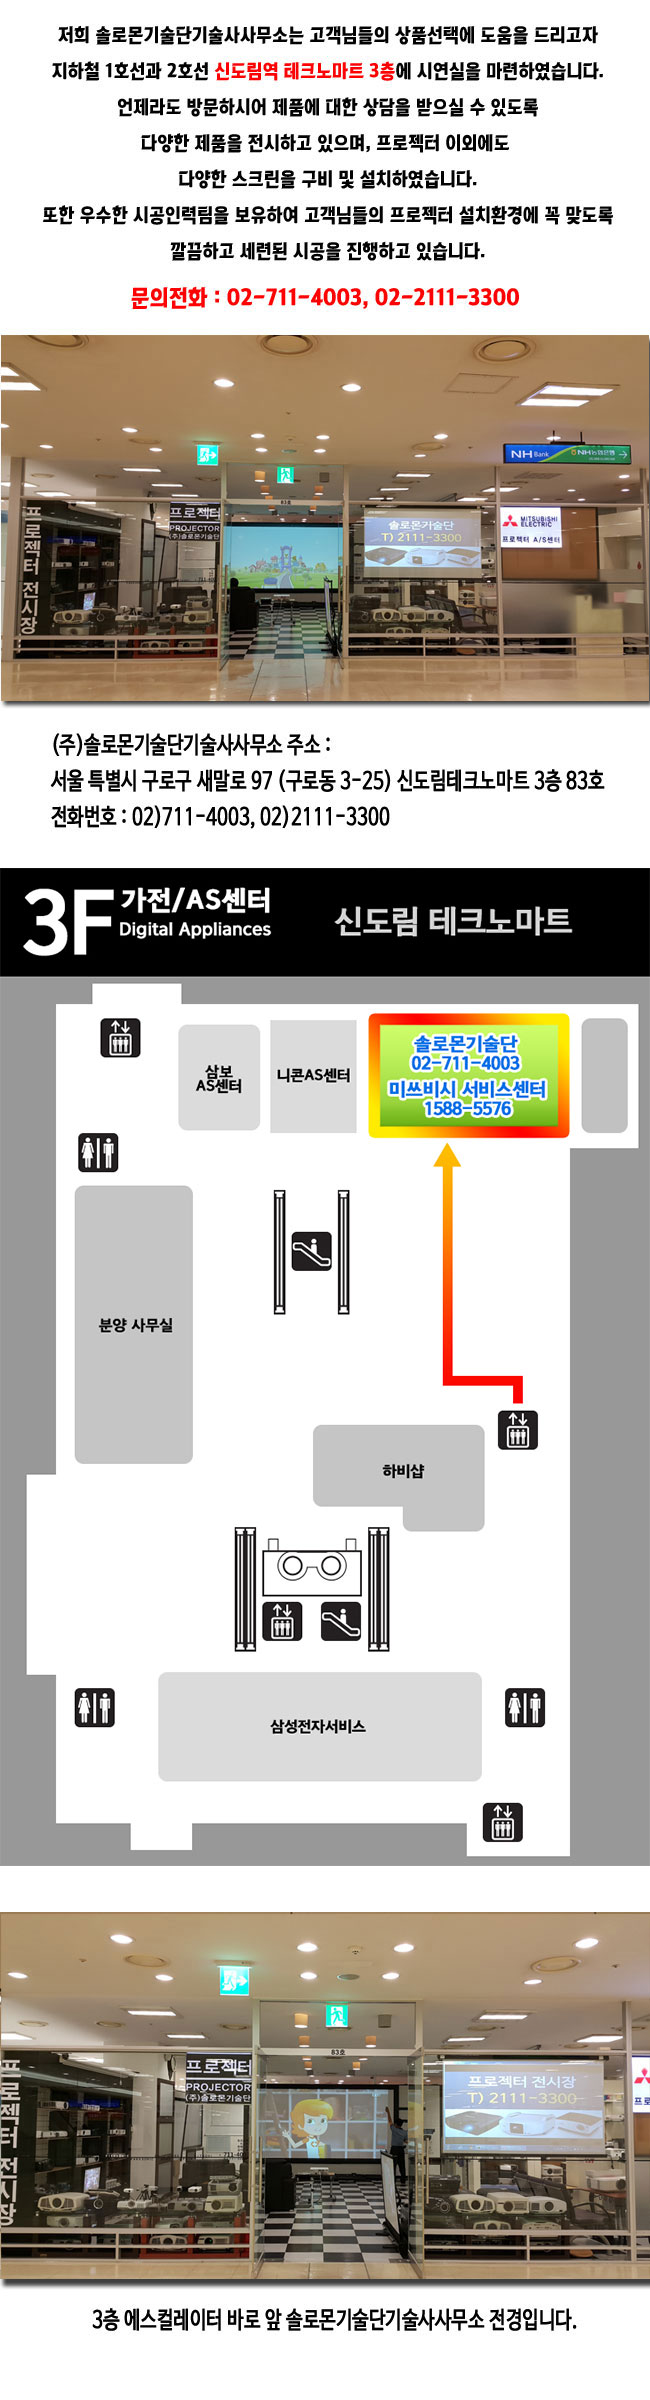 솔로몬기술단 : 서울시 구로구 새말로 97, 신도림 테크노마트 3층 83호